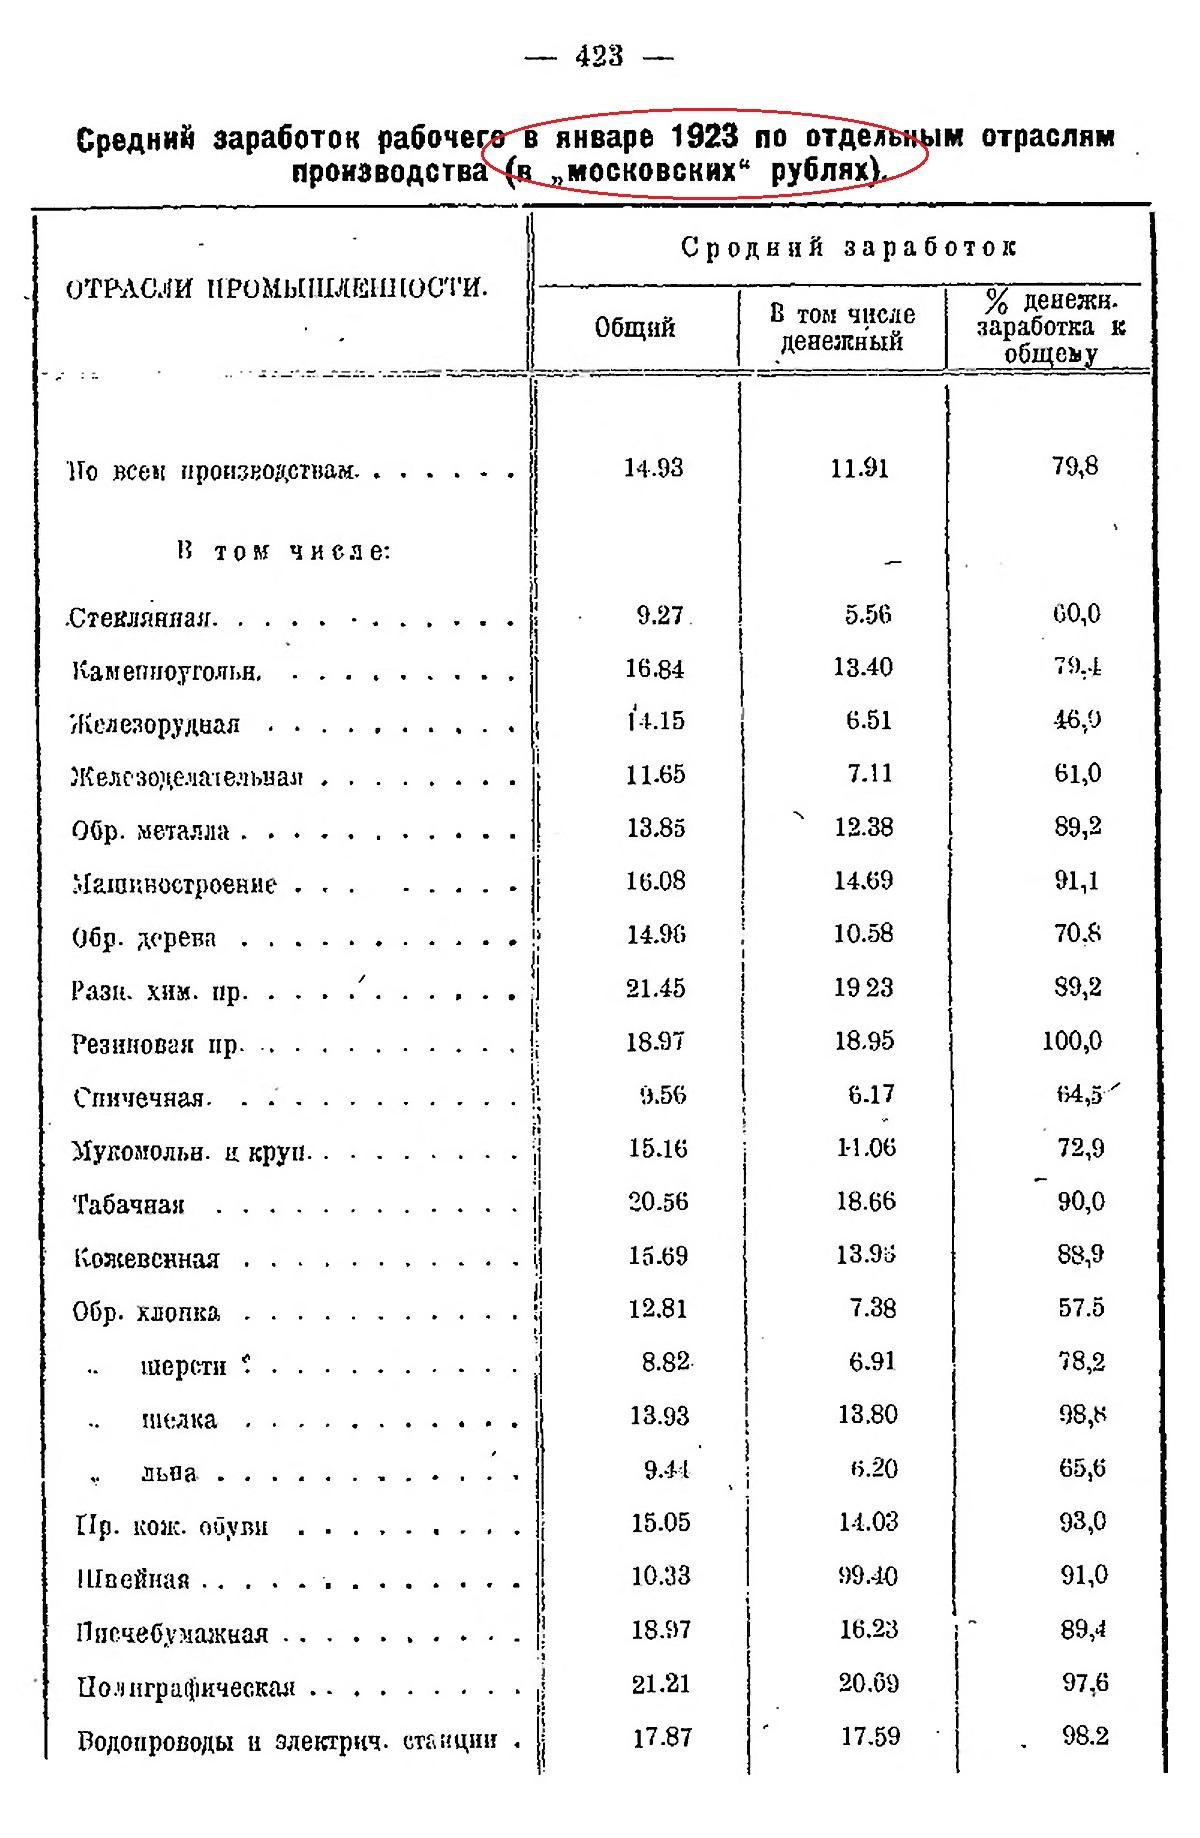 Средний заработок рабочего в 1923г.